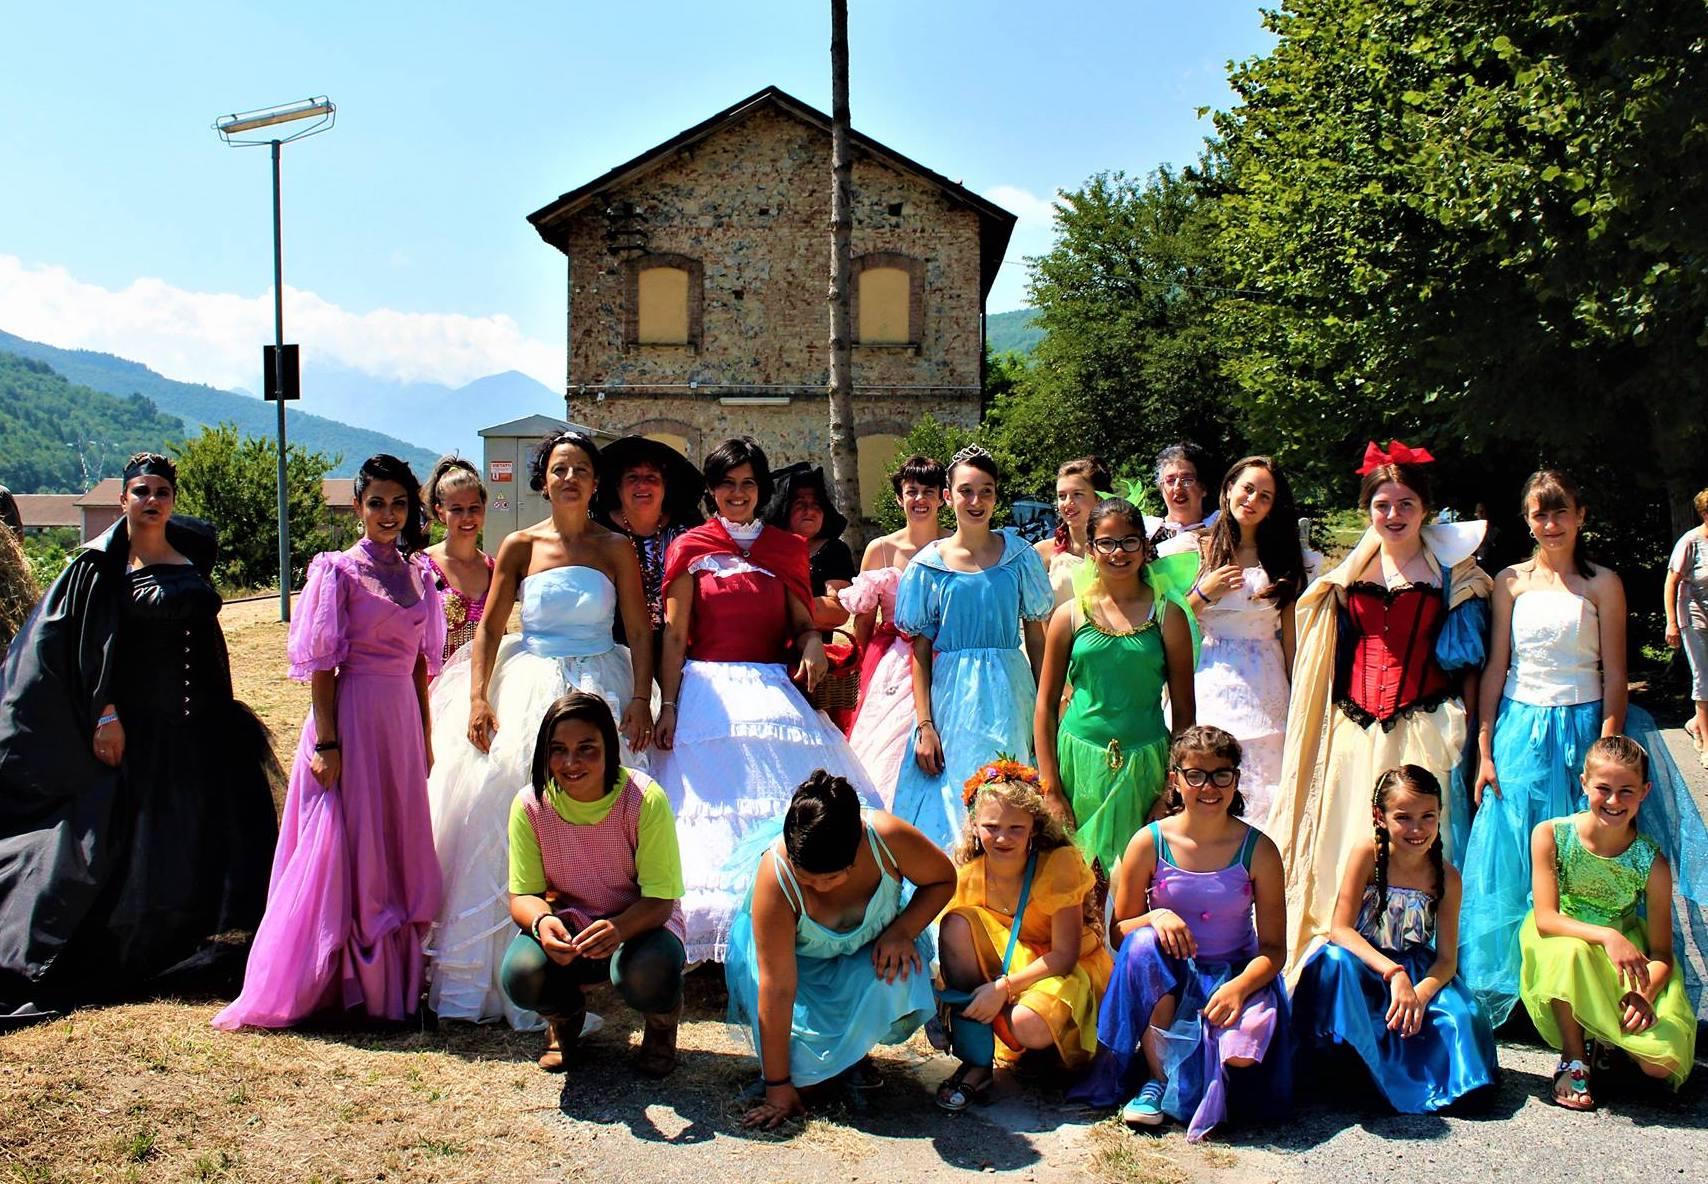 A scuola con Peter Pan, Pievetta in Fabula